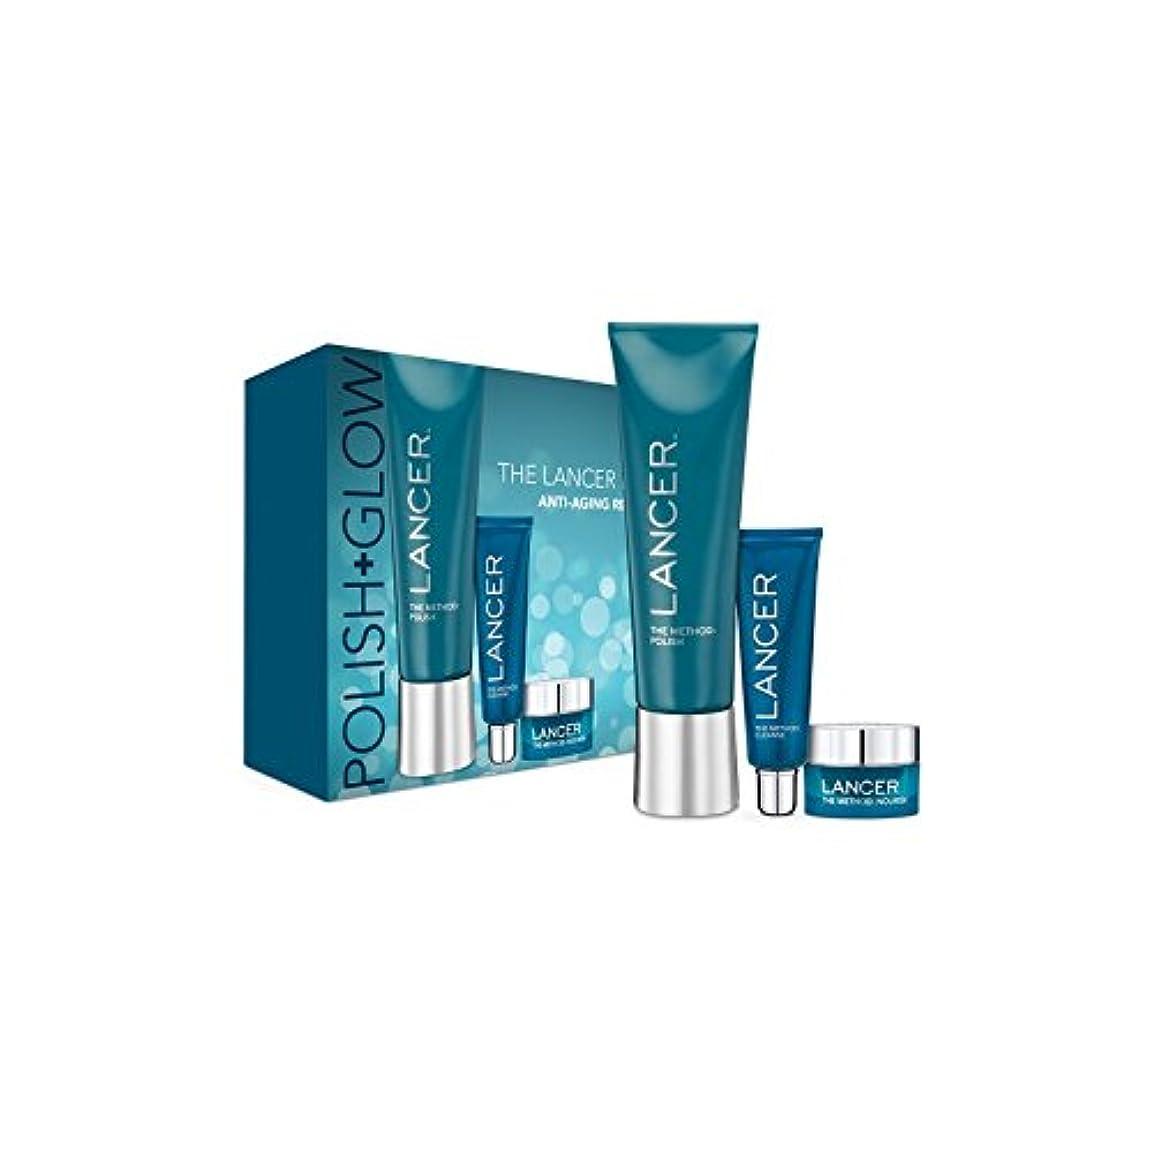 許さない矢じり技術者ランサーは、この方法をスキンケア:ポリッシュ&グロー x4 - Lancer Skincare The Method: Polish & Glow (Pack of 4) [並行輸入品]